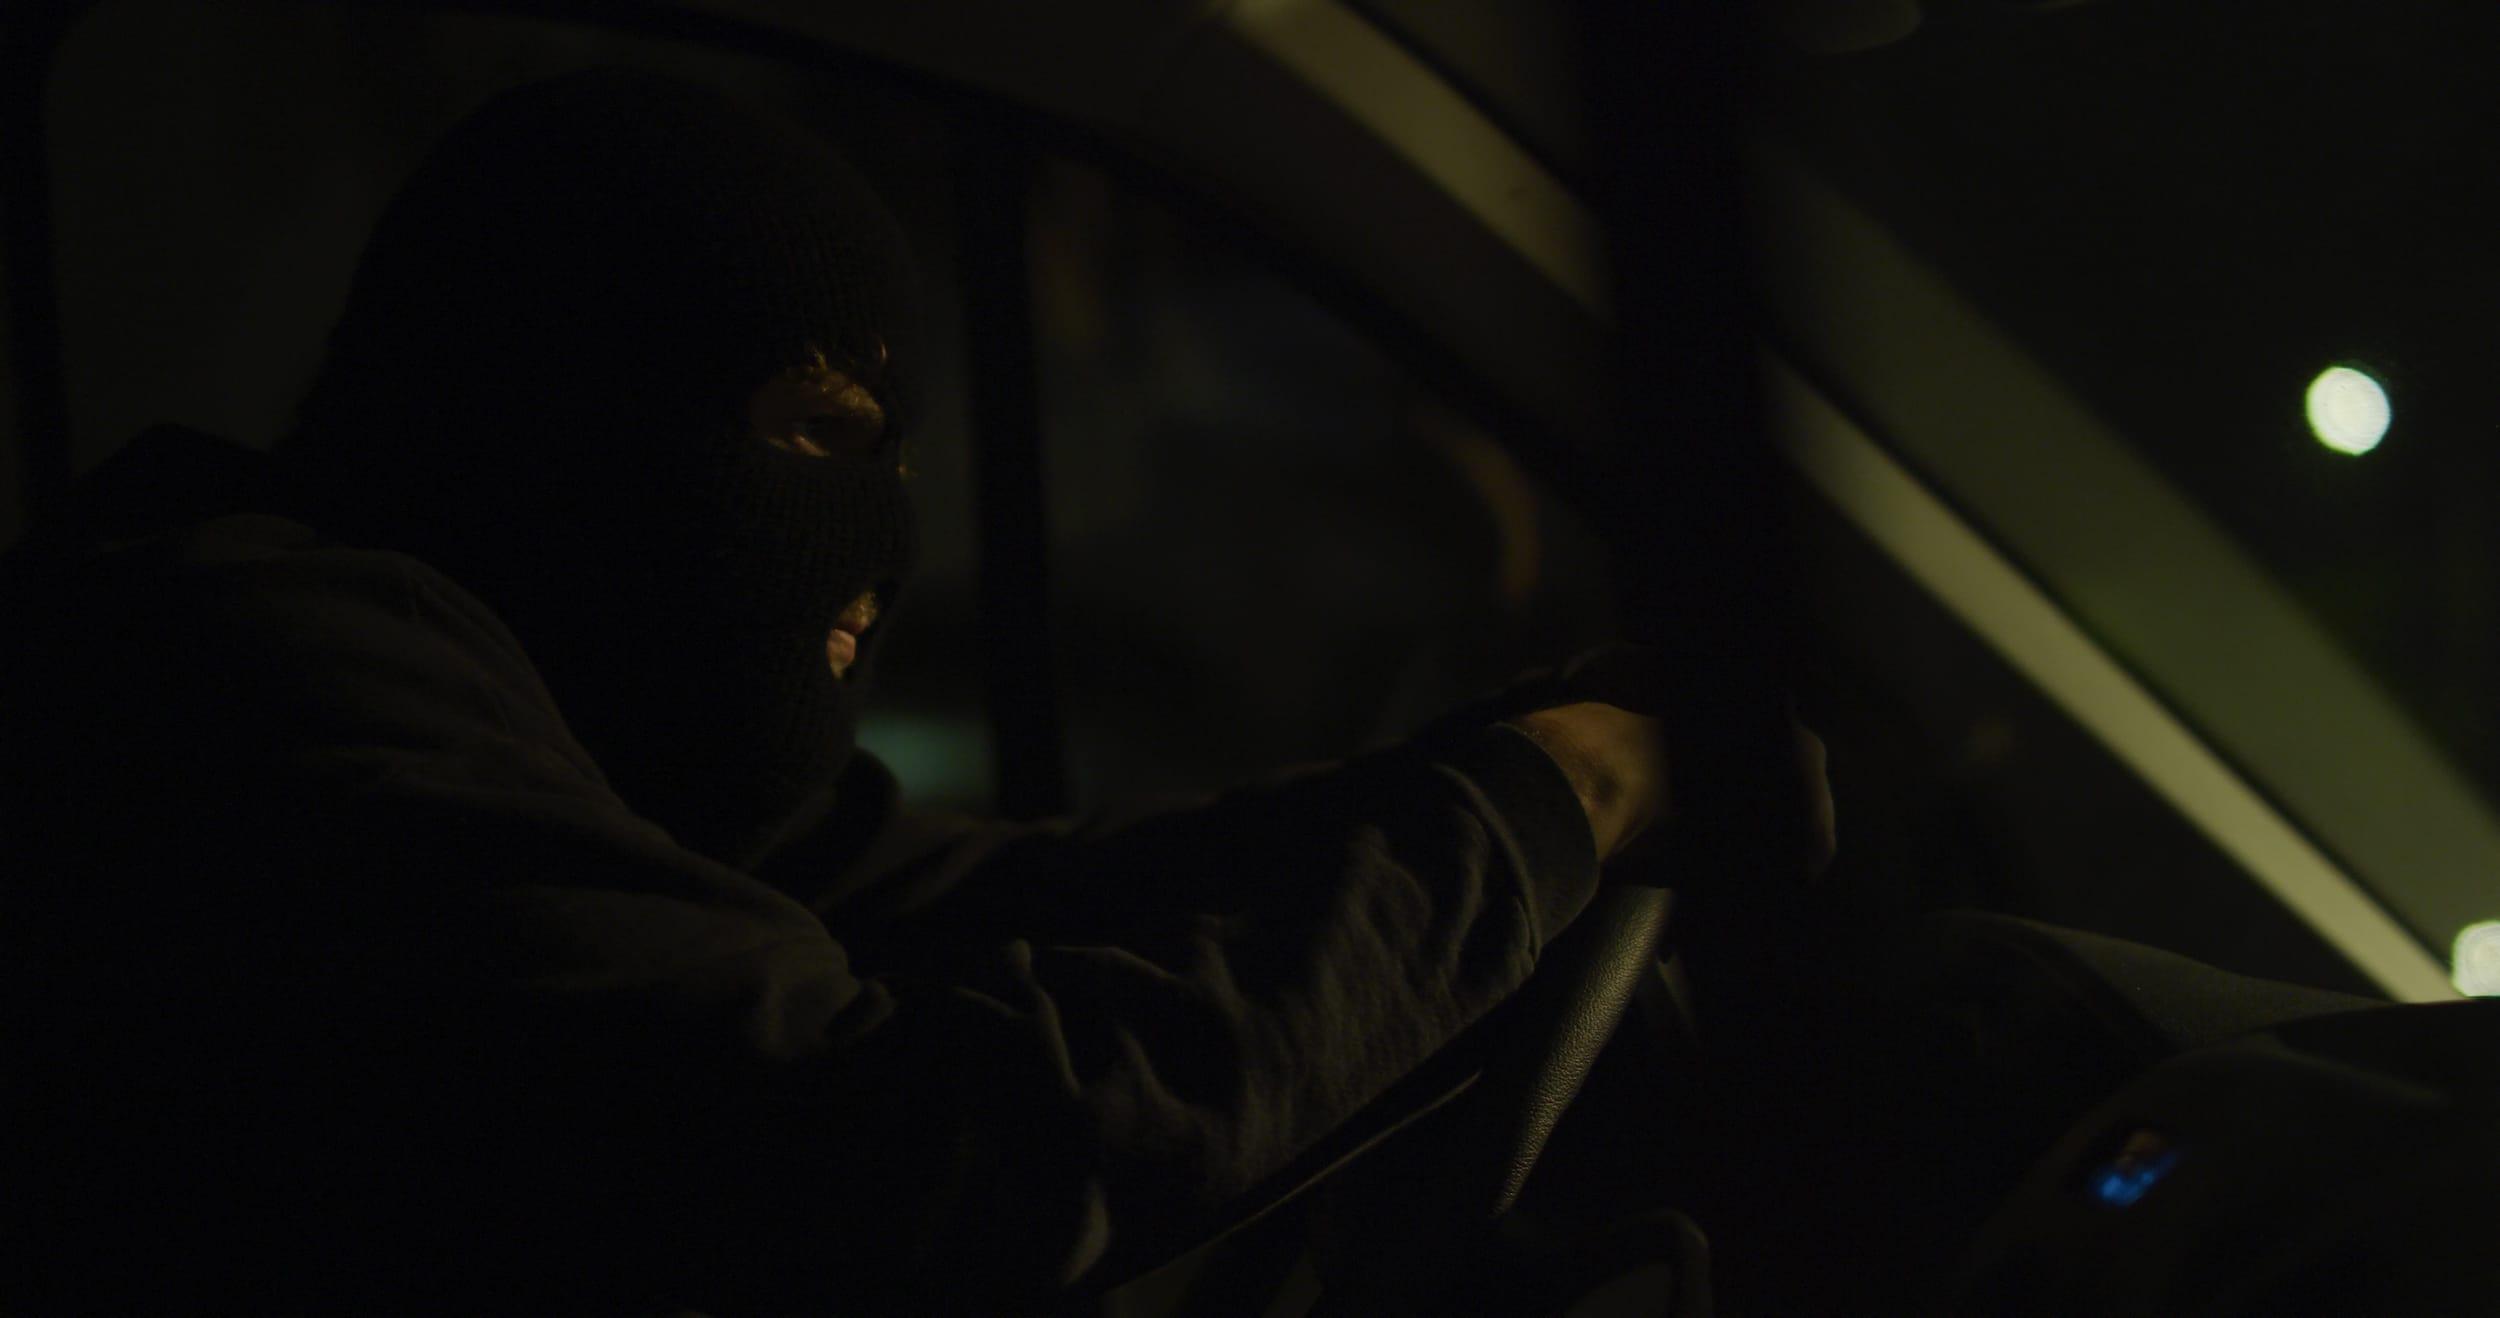 Driver waits impatiently in his van